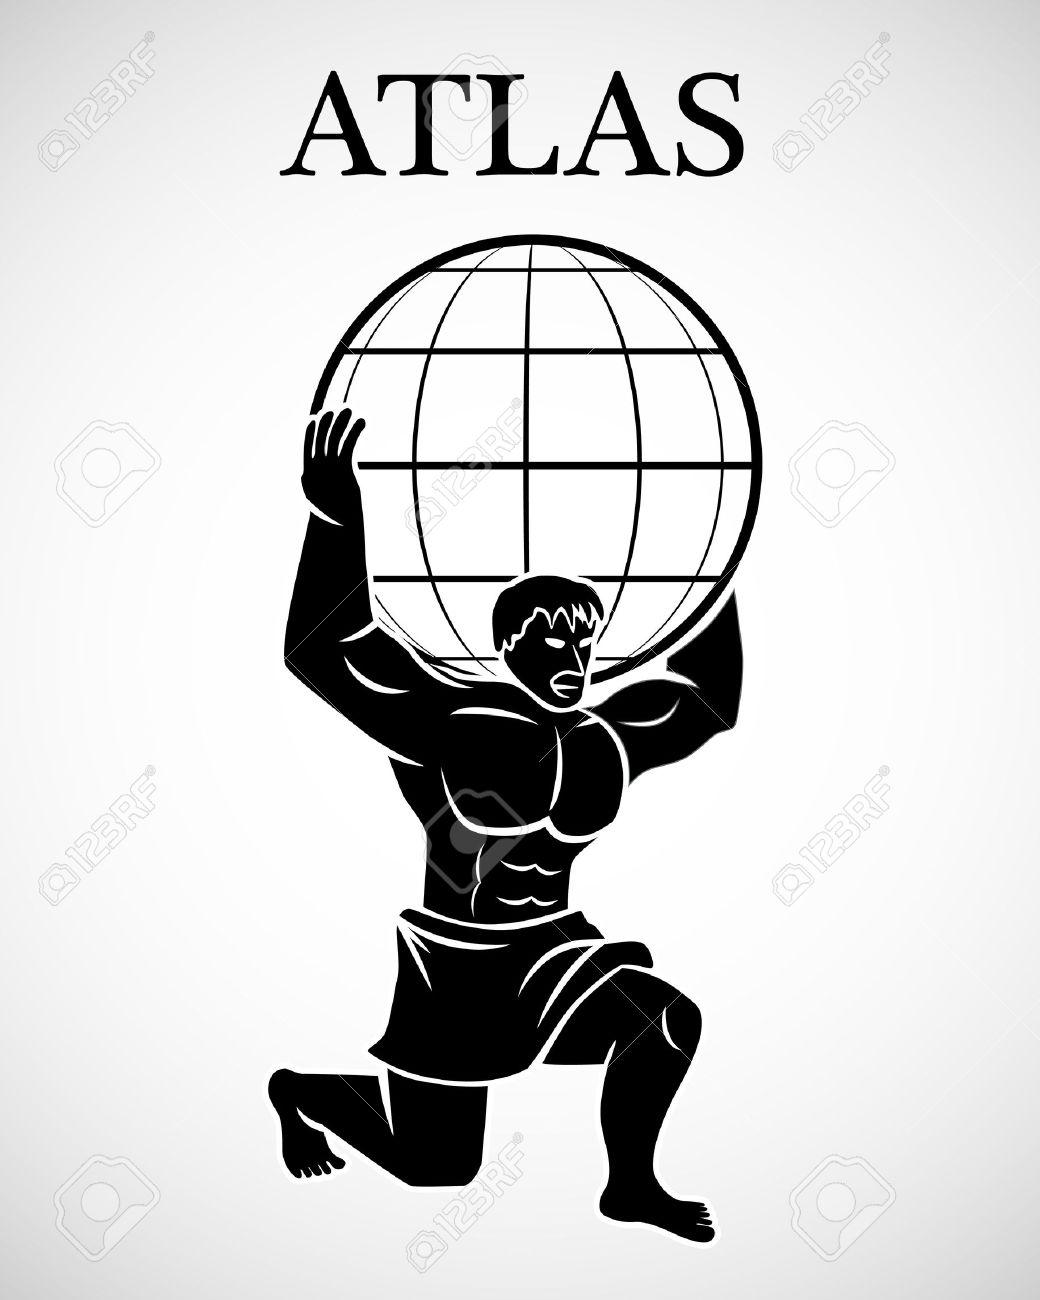 Stylized Atlas - 23311003